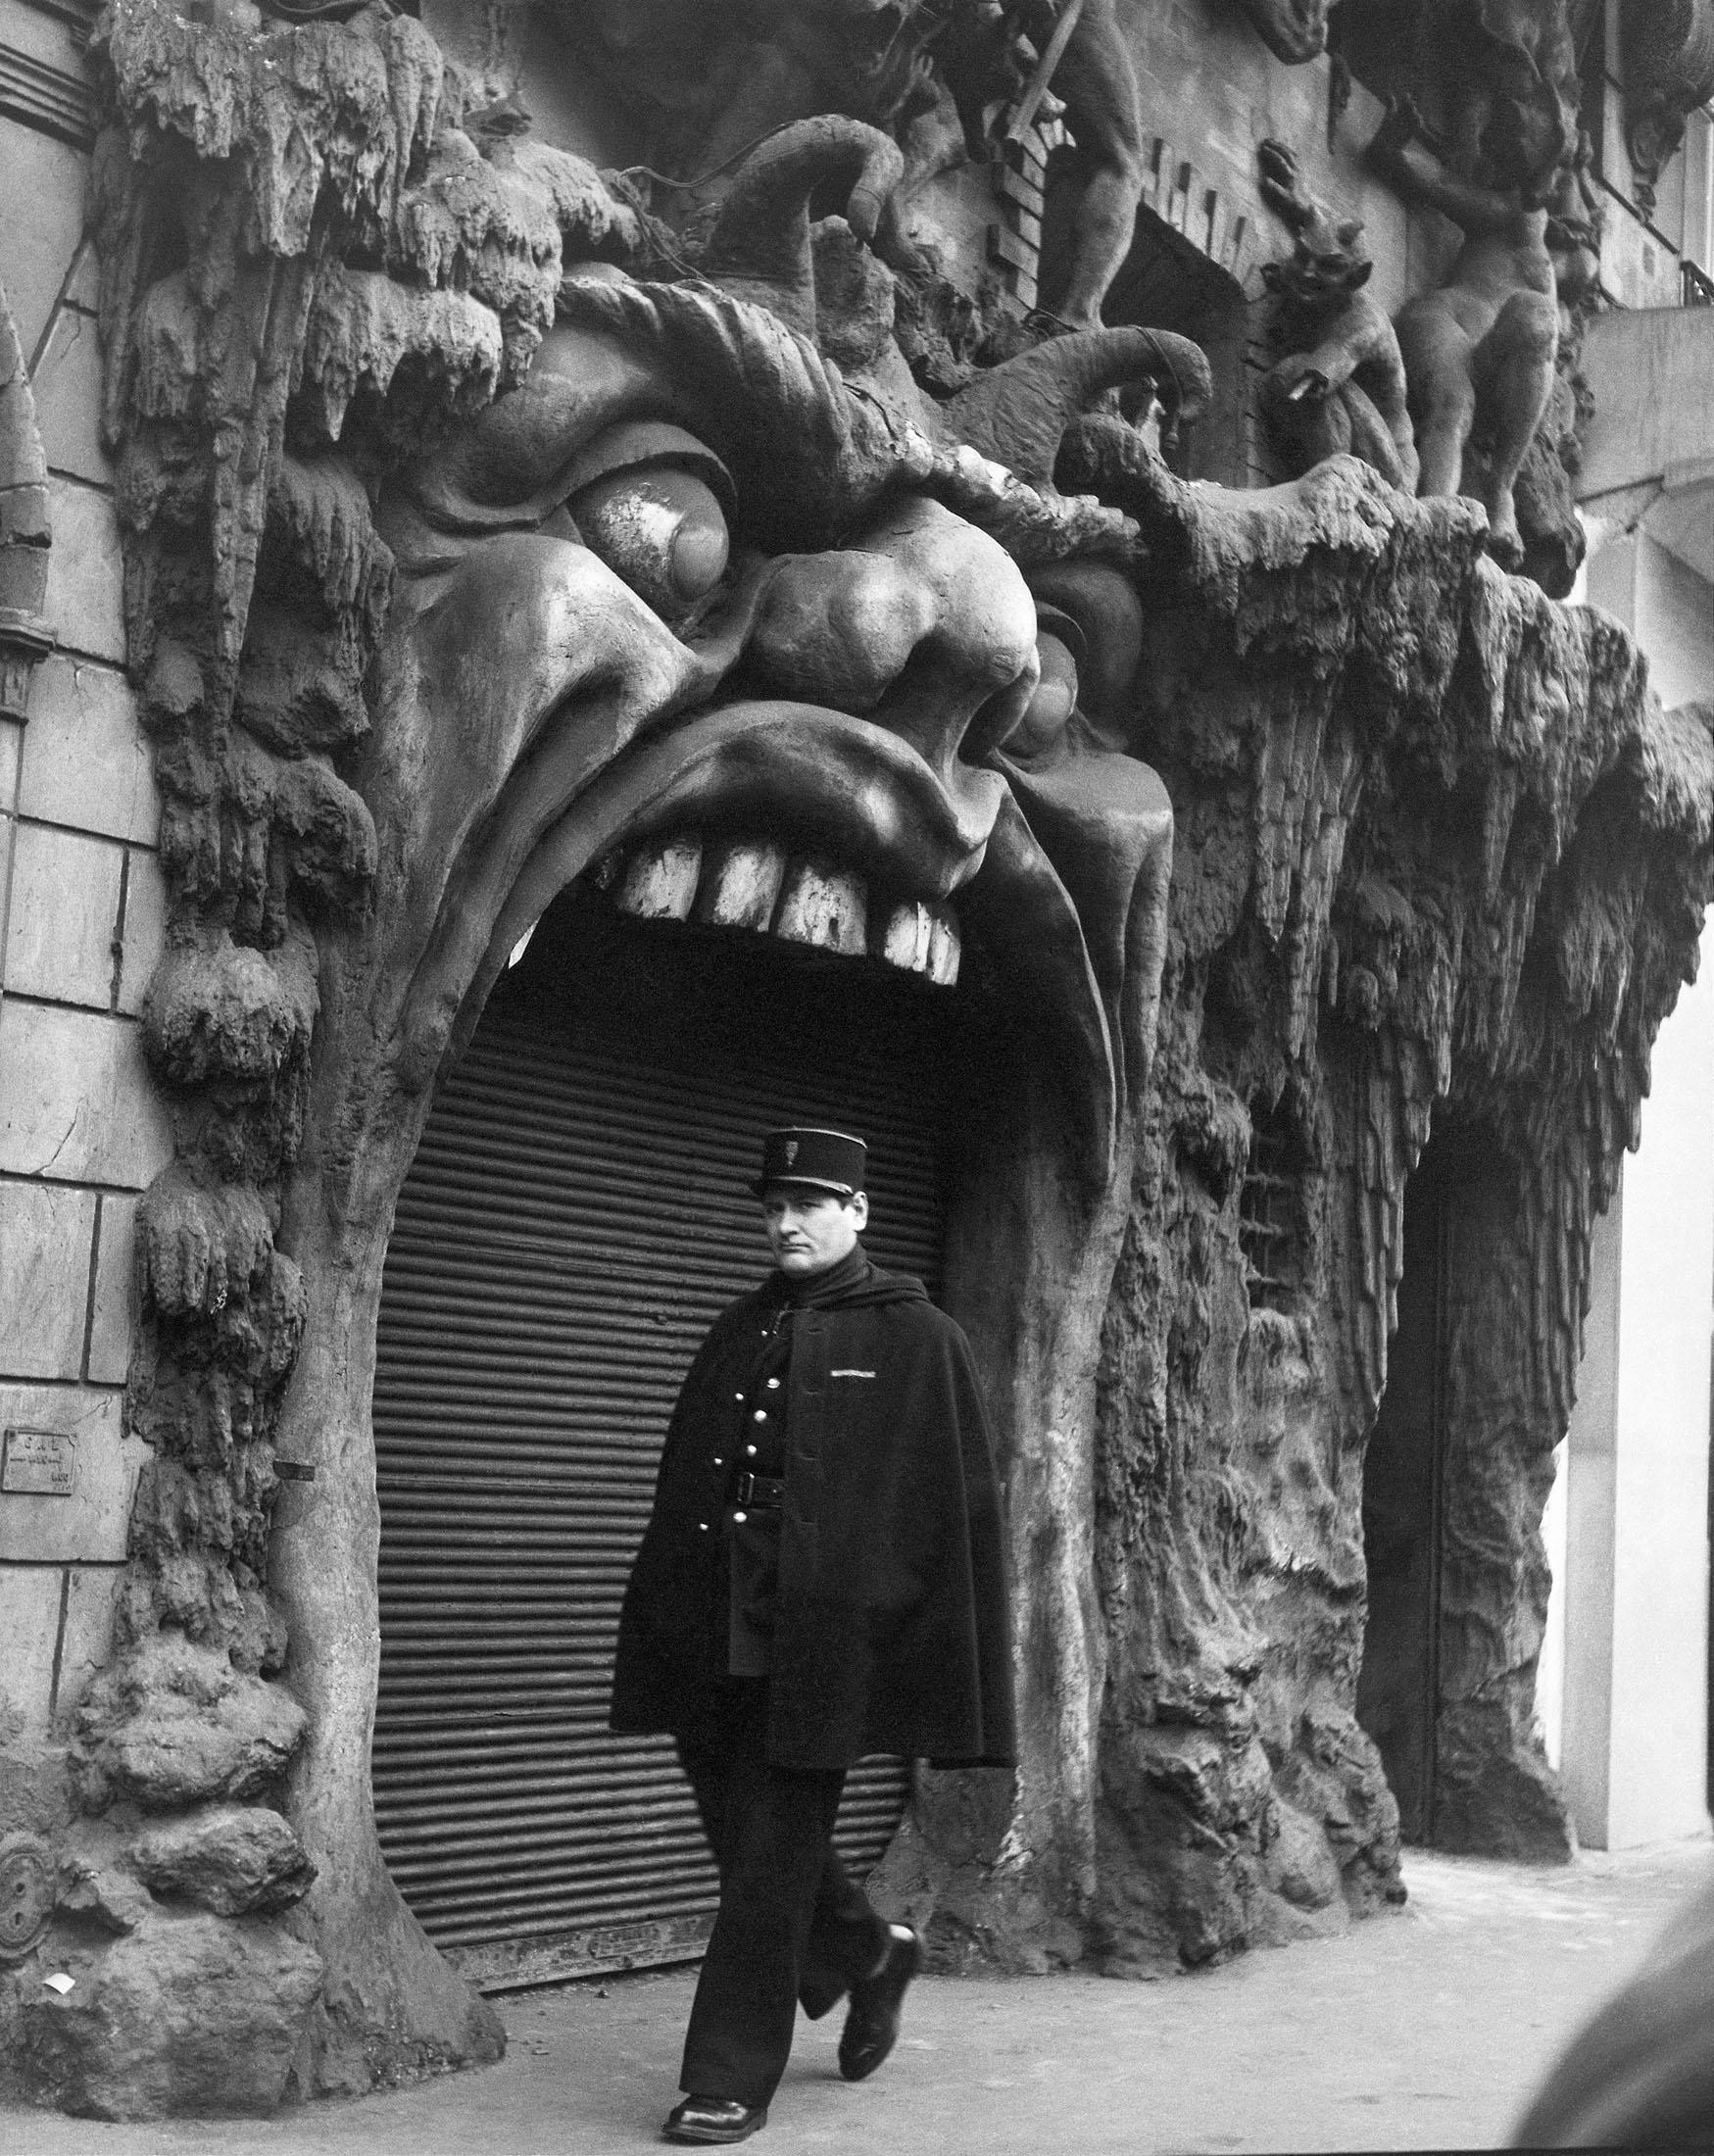 Robert Doisneau, L'enfer, Paris 1952 @ Atelier Robert Doisneau